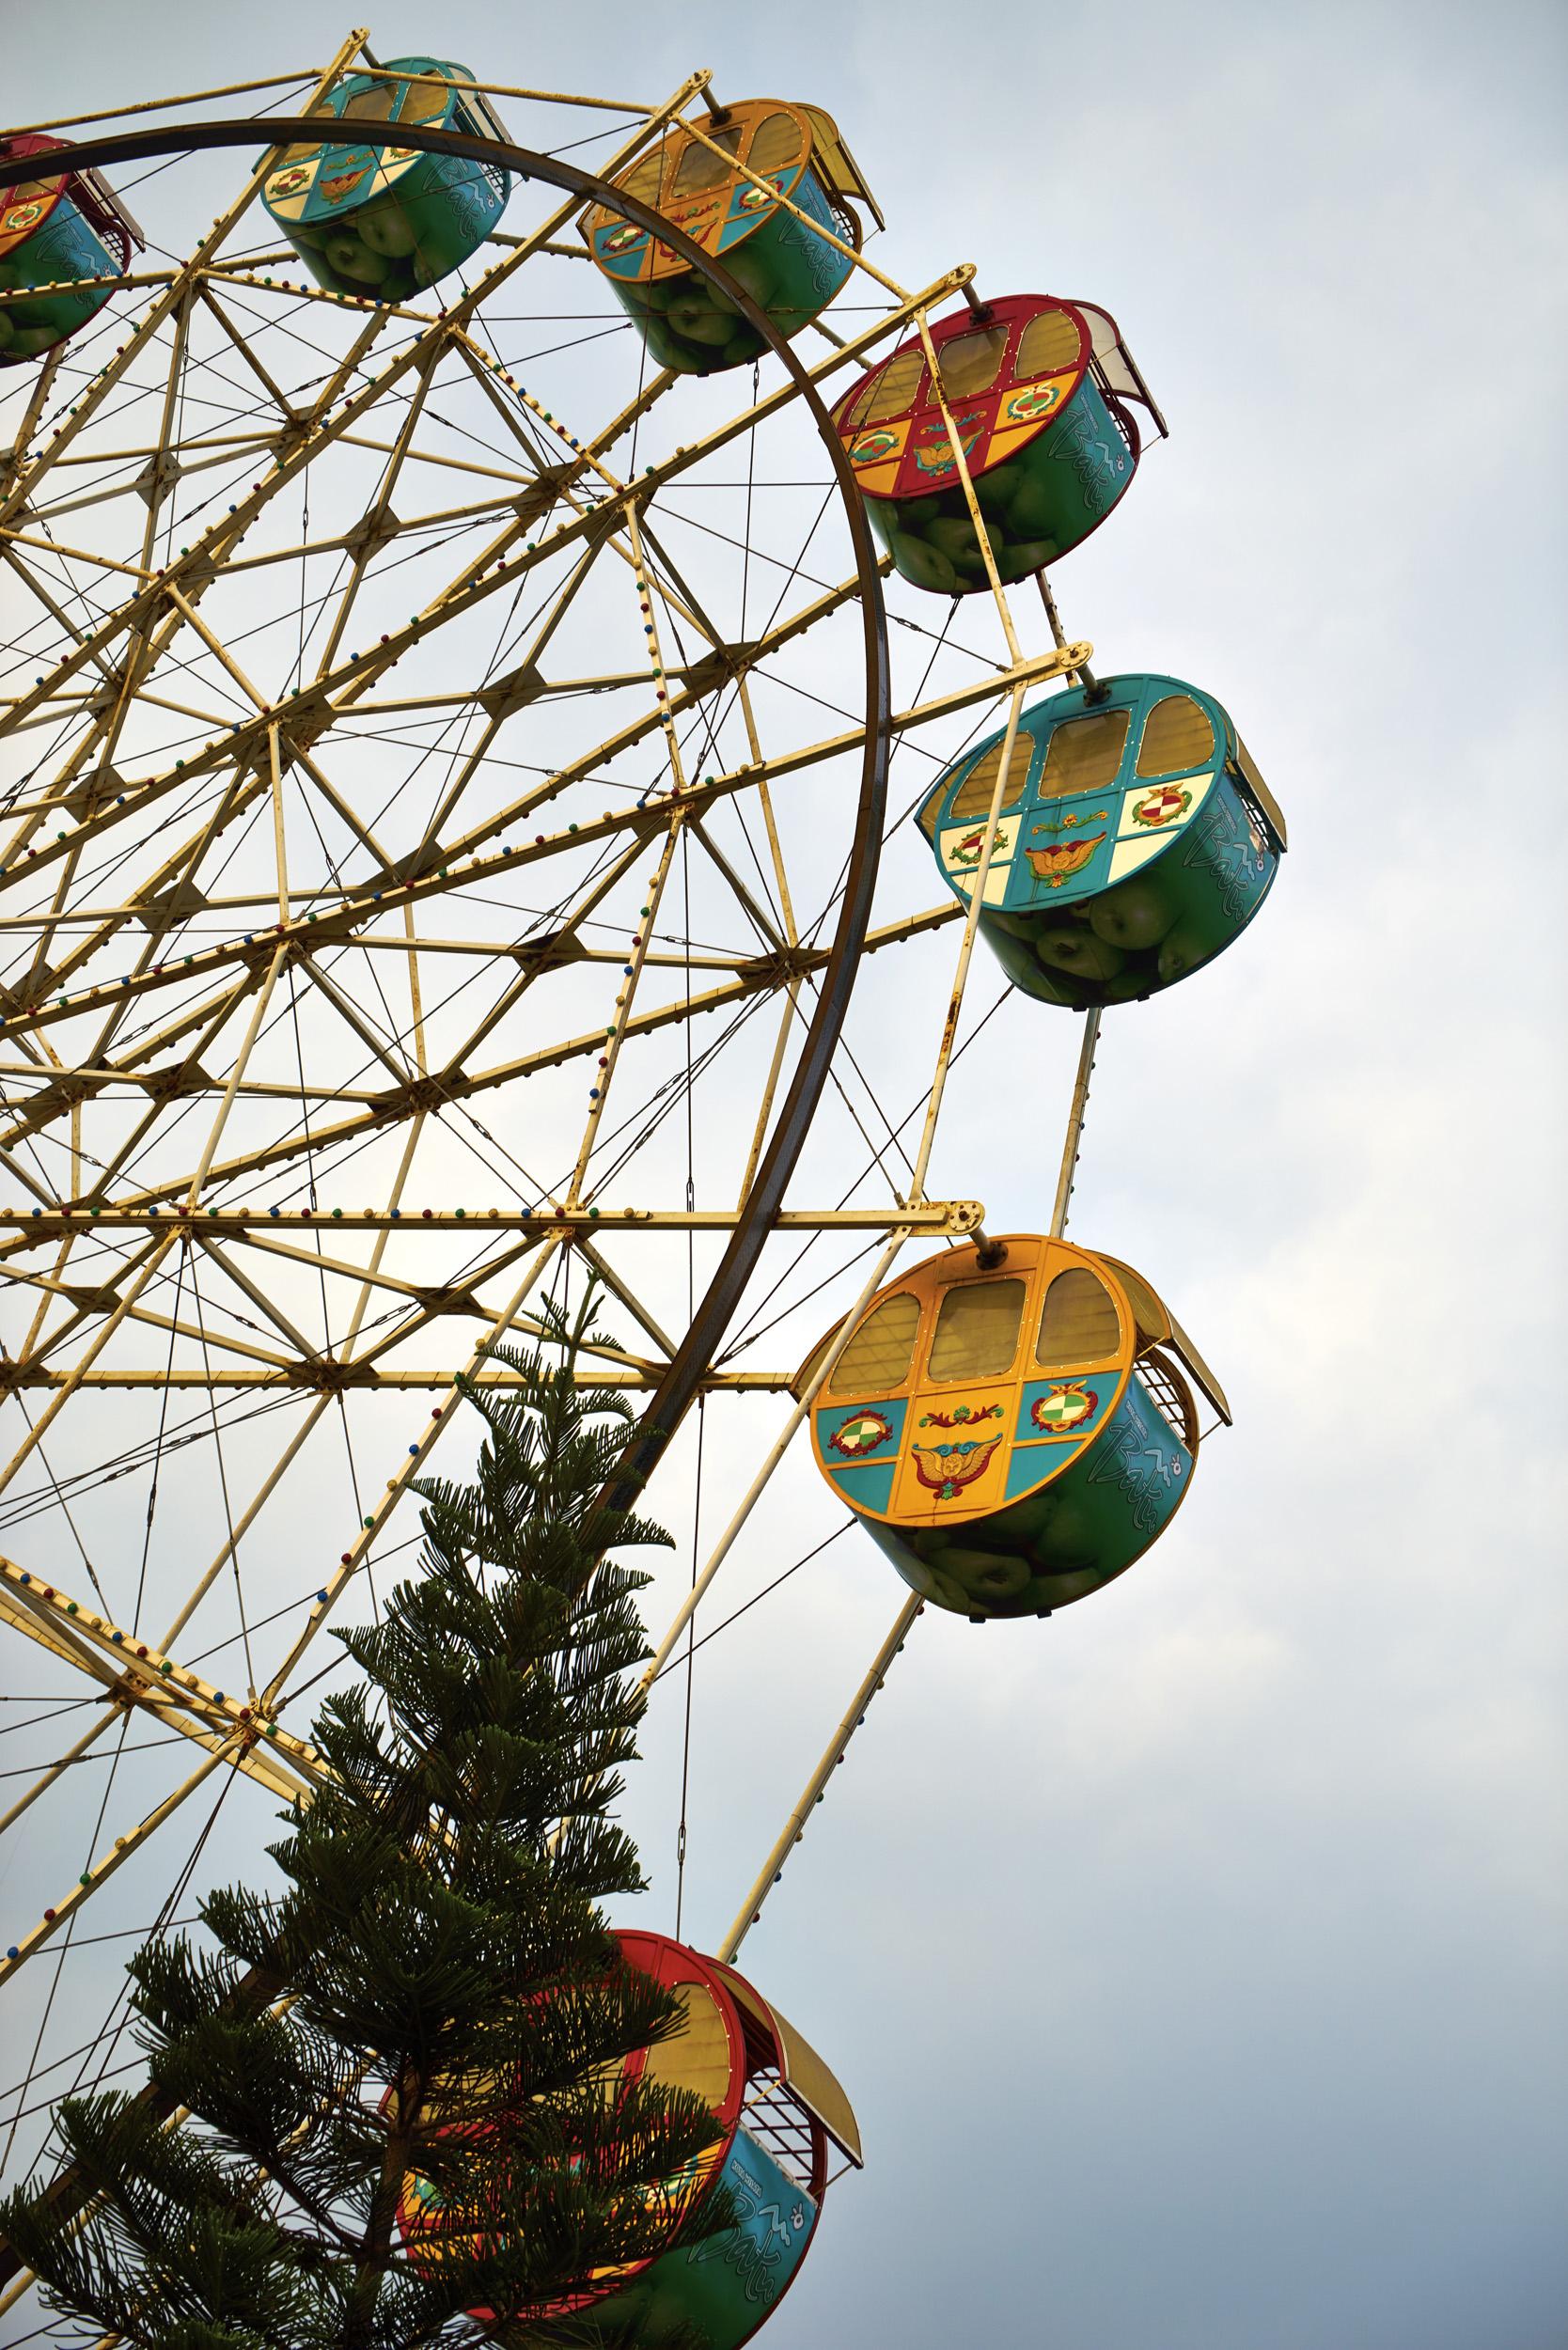 Riesenrad.jpg